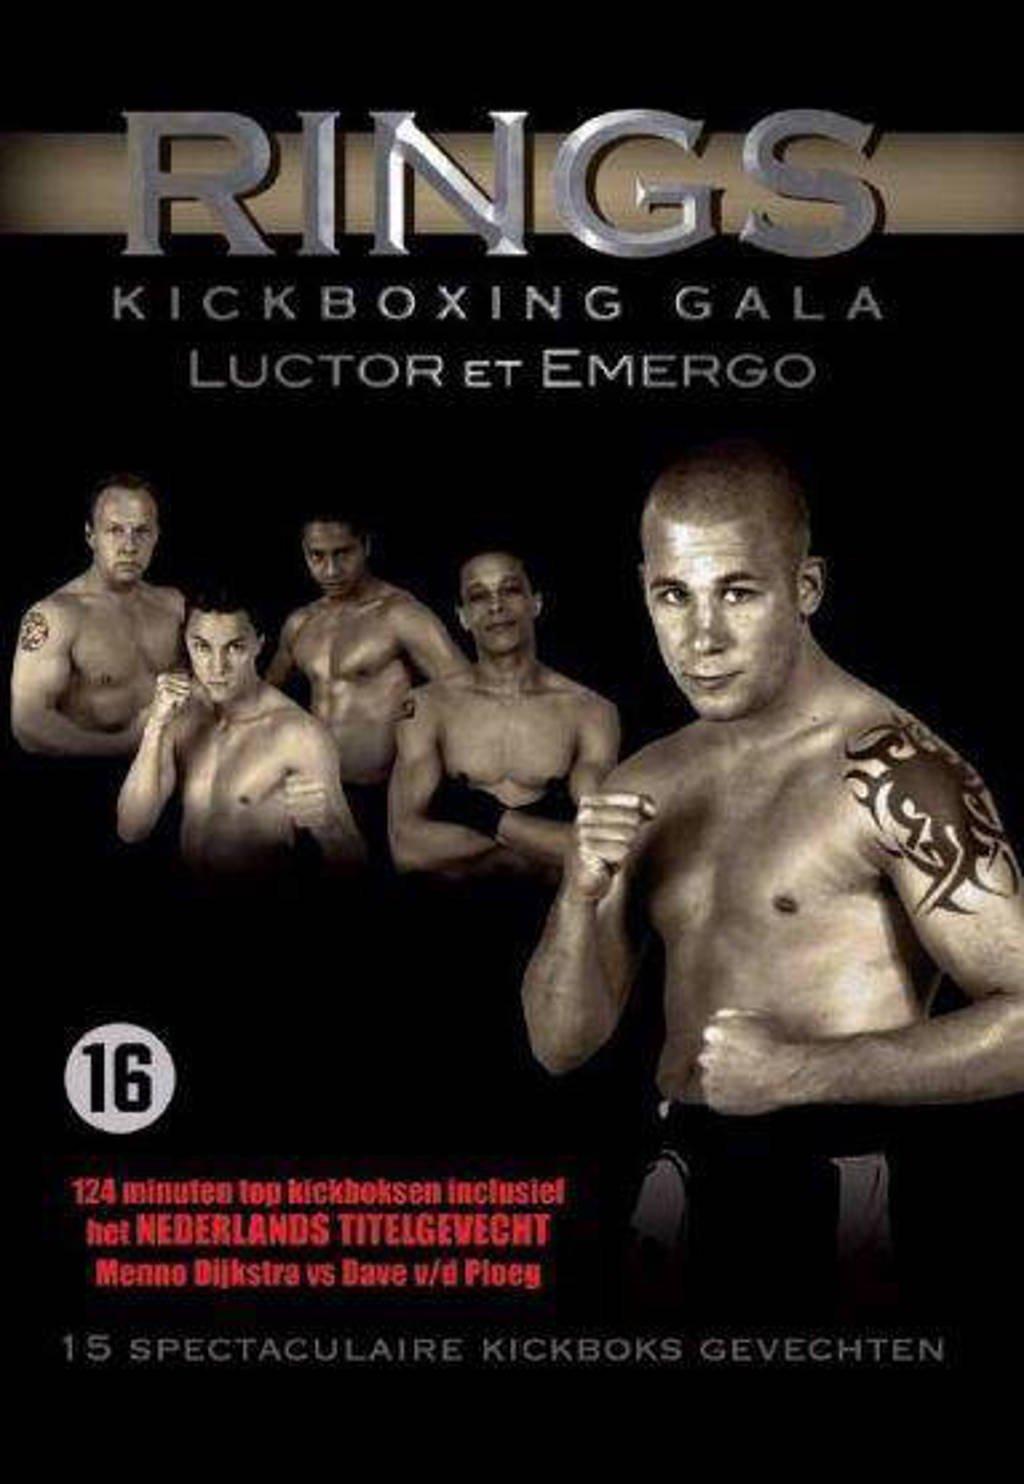 Rings kickboxing gala-Luctor et Emergo (DVD)